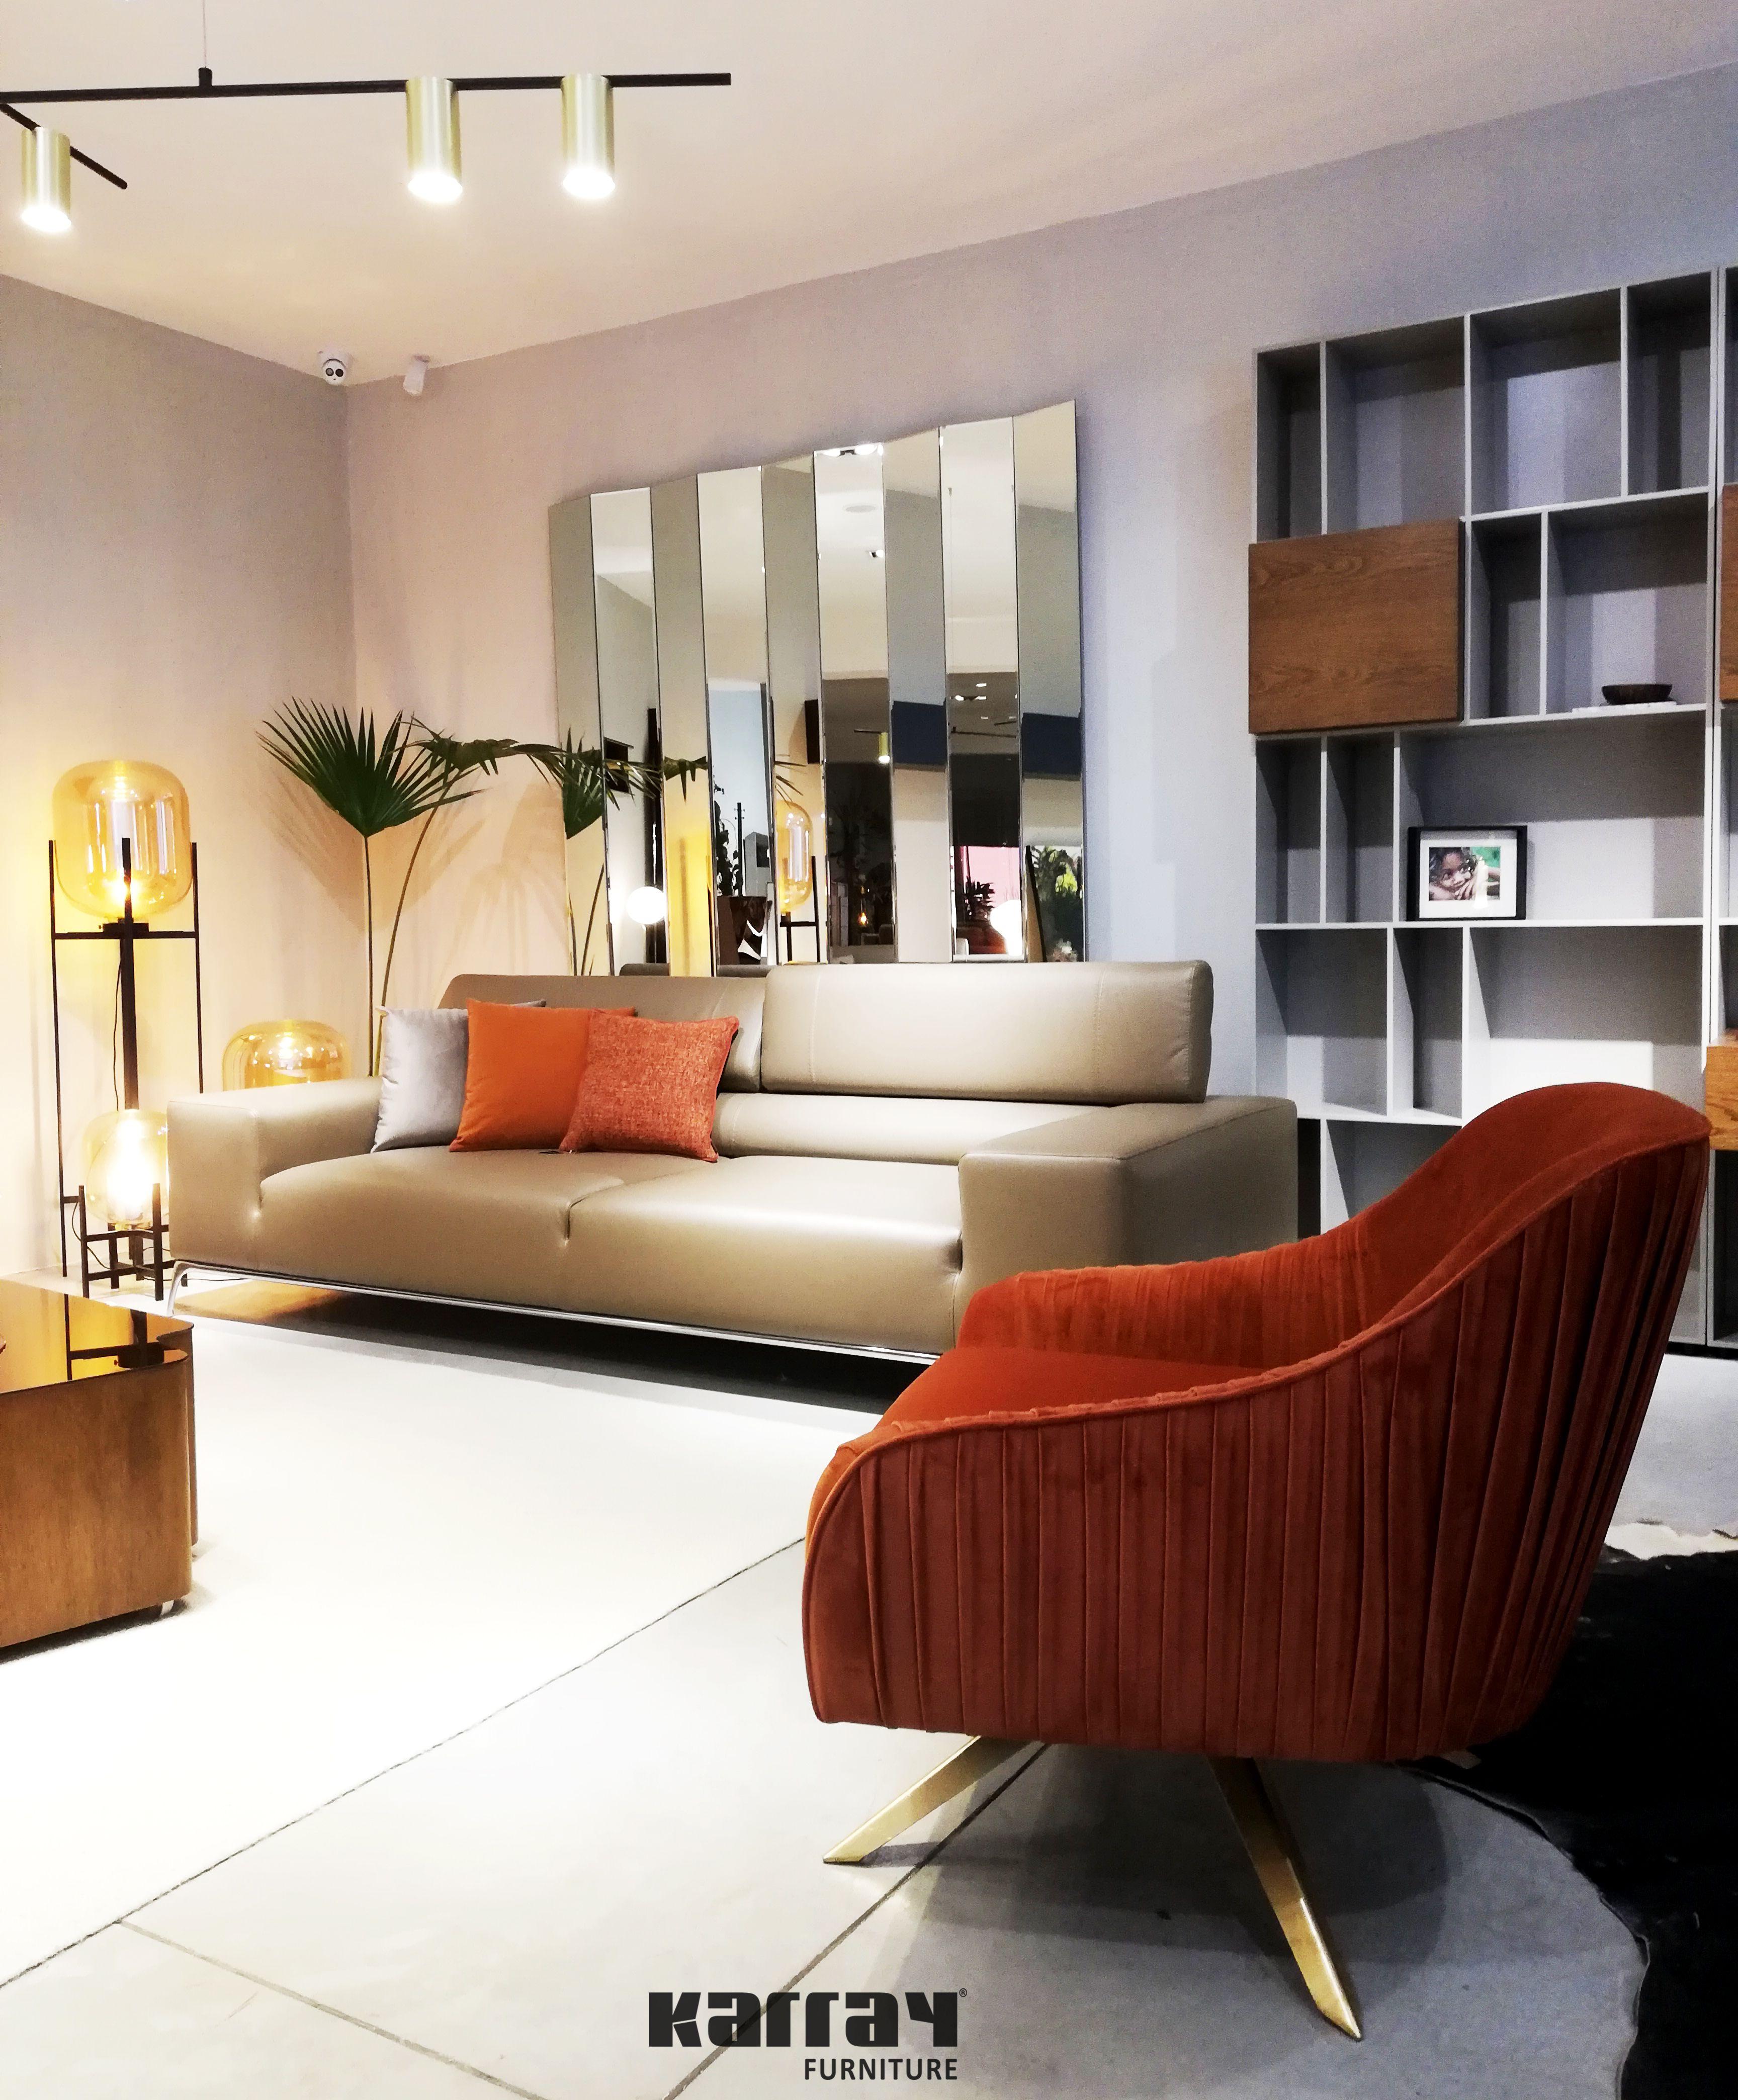 Canape Vivaldi In 2020 Home Decor Chaise Lounge Furniture